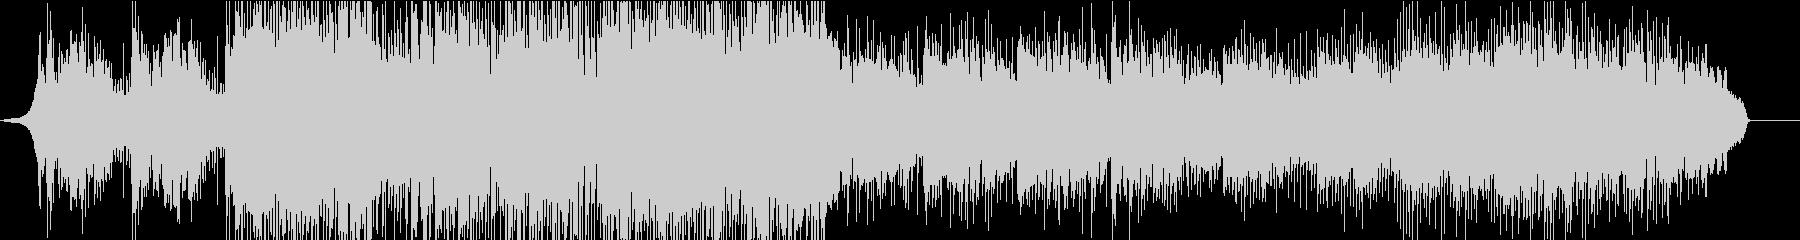 ネイティブ英語UKロック メランコリーの未再生の波形